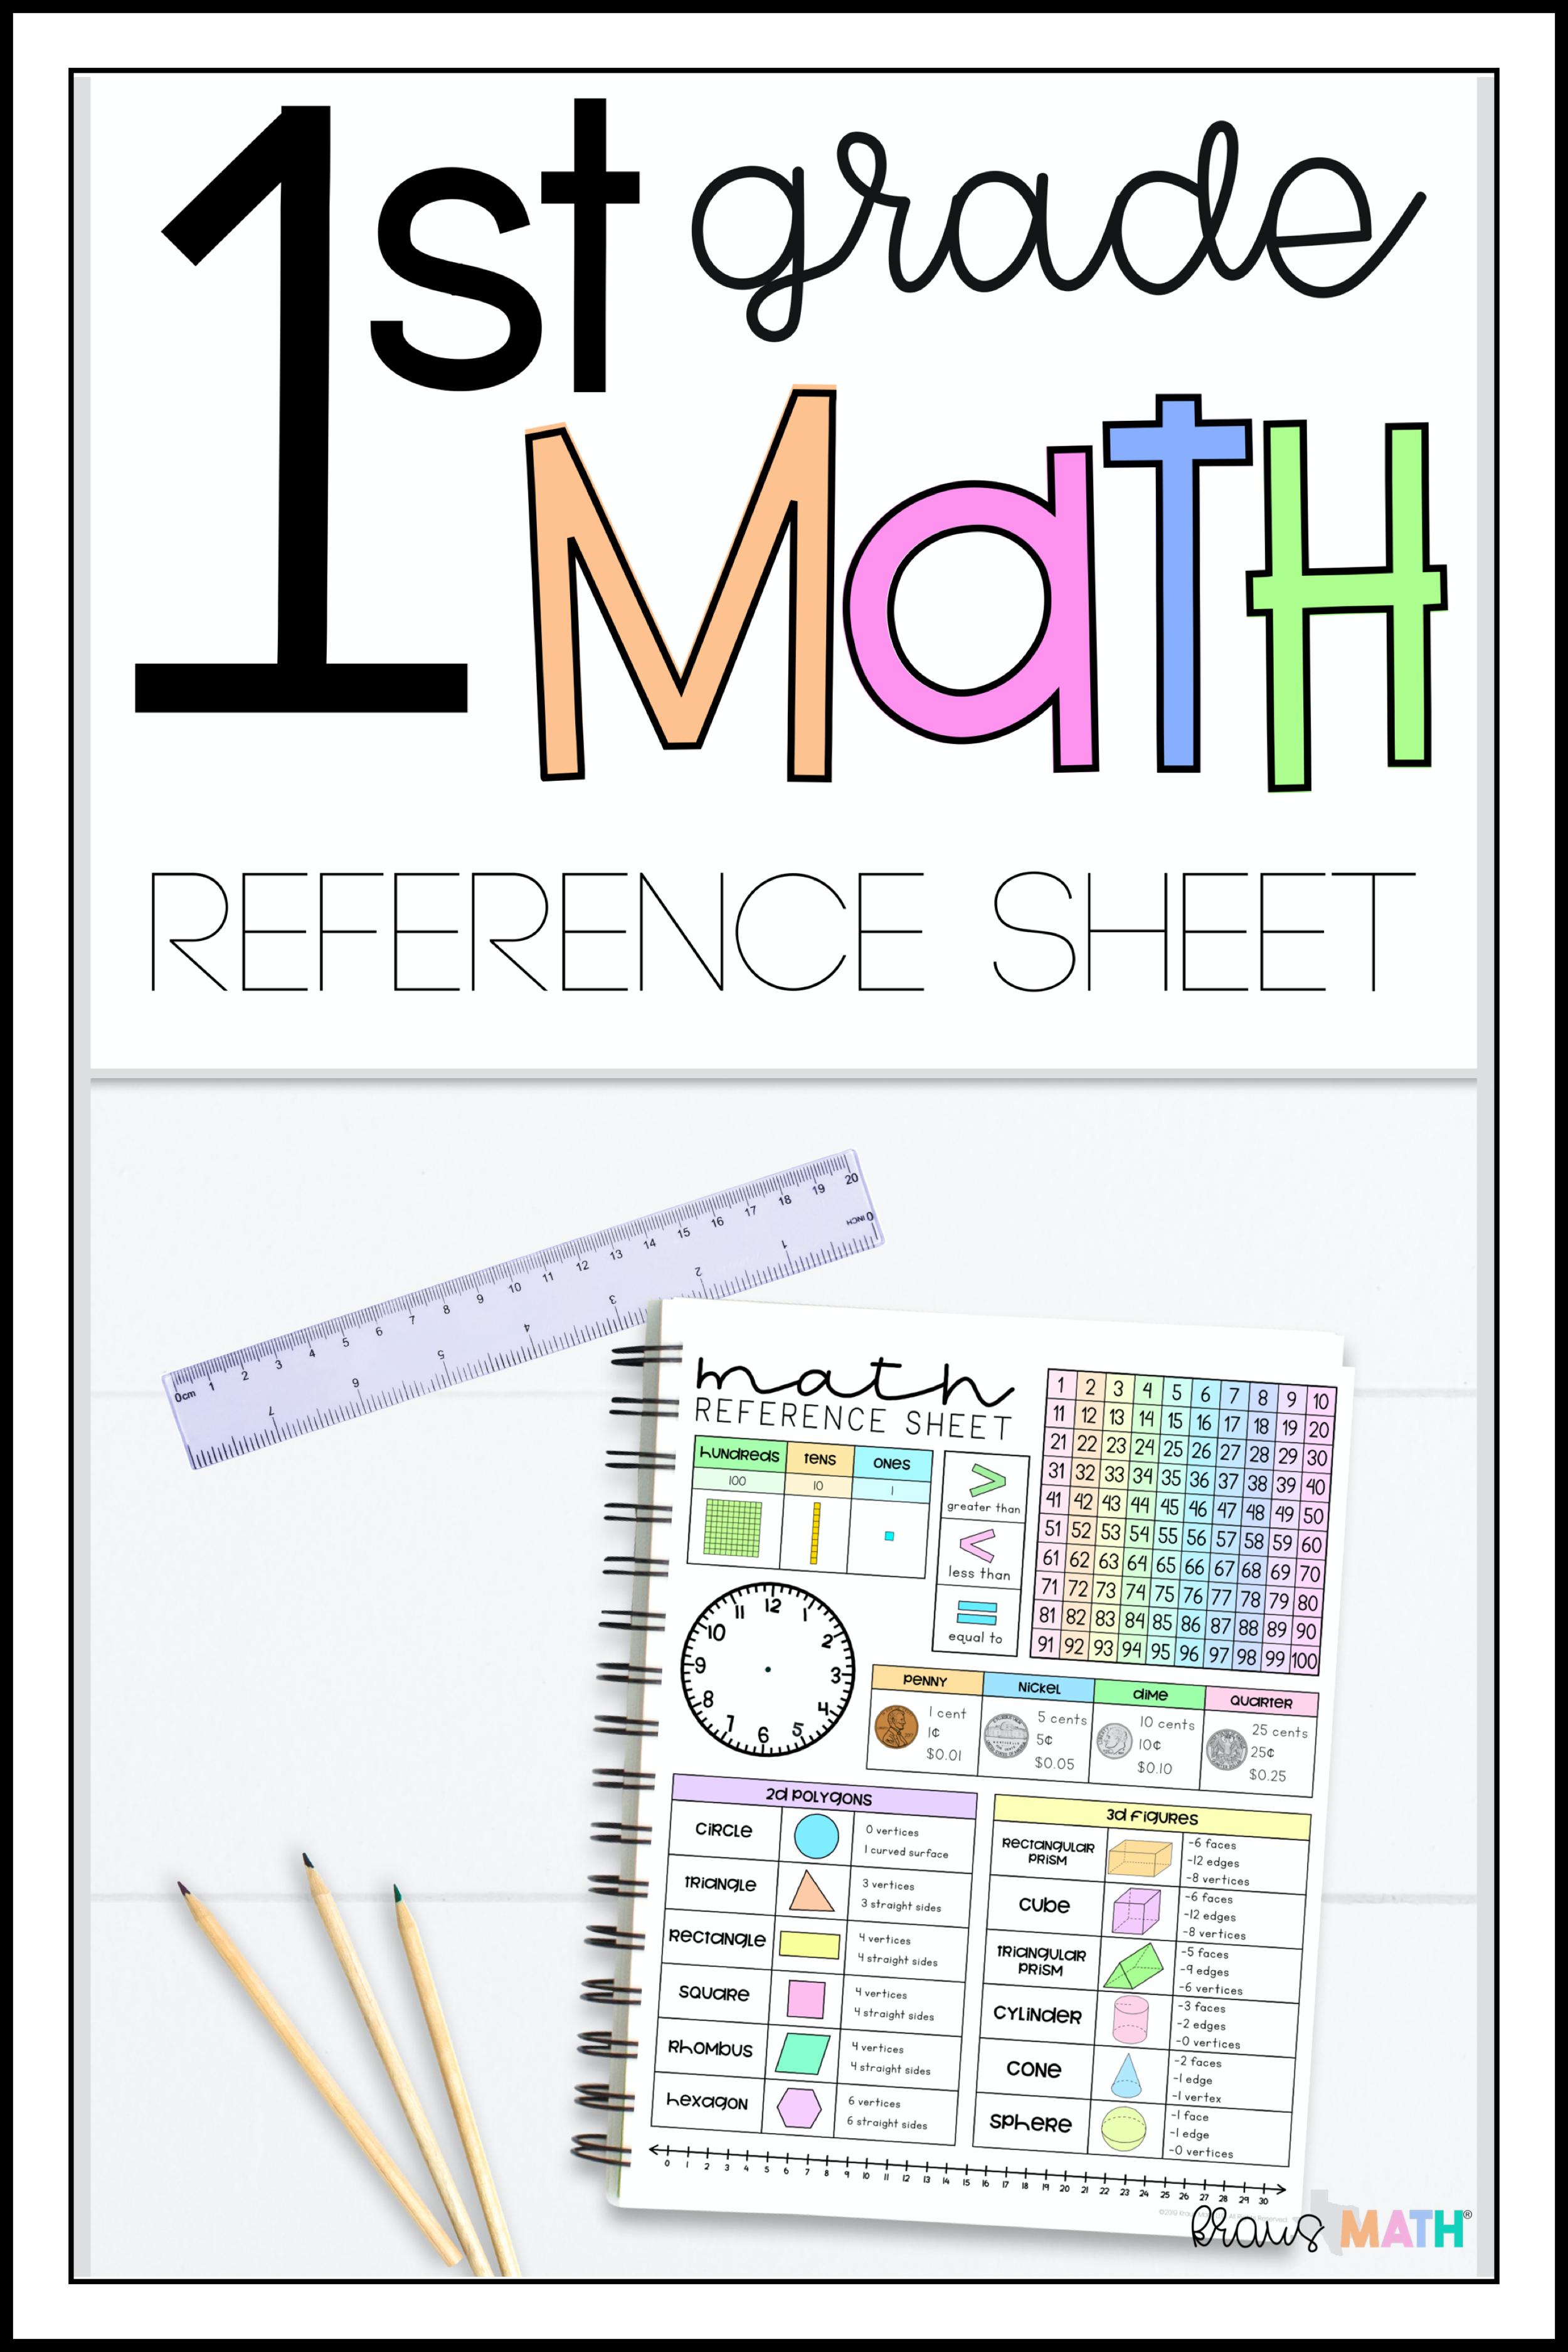 1st Grade Math Reference Sheet Kraus Math 1st Grade Math Math Reference Sheet First Grade Curriculum [ 3750 x 2500 Pixel ]